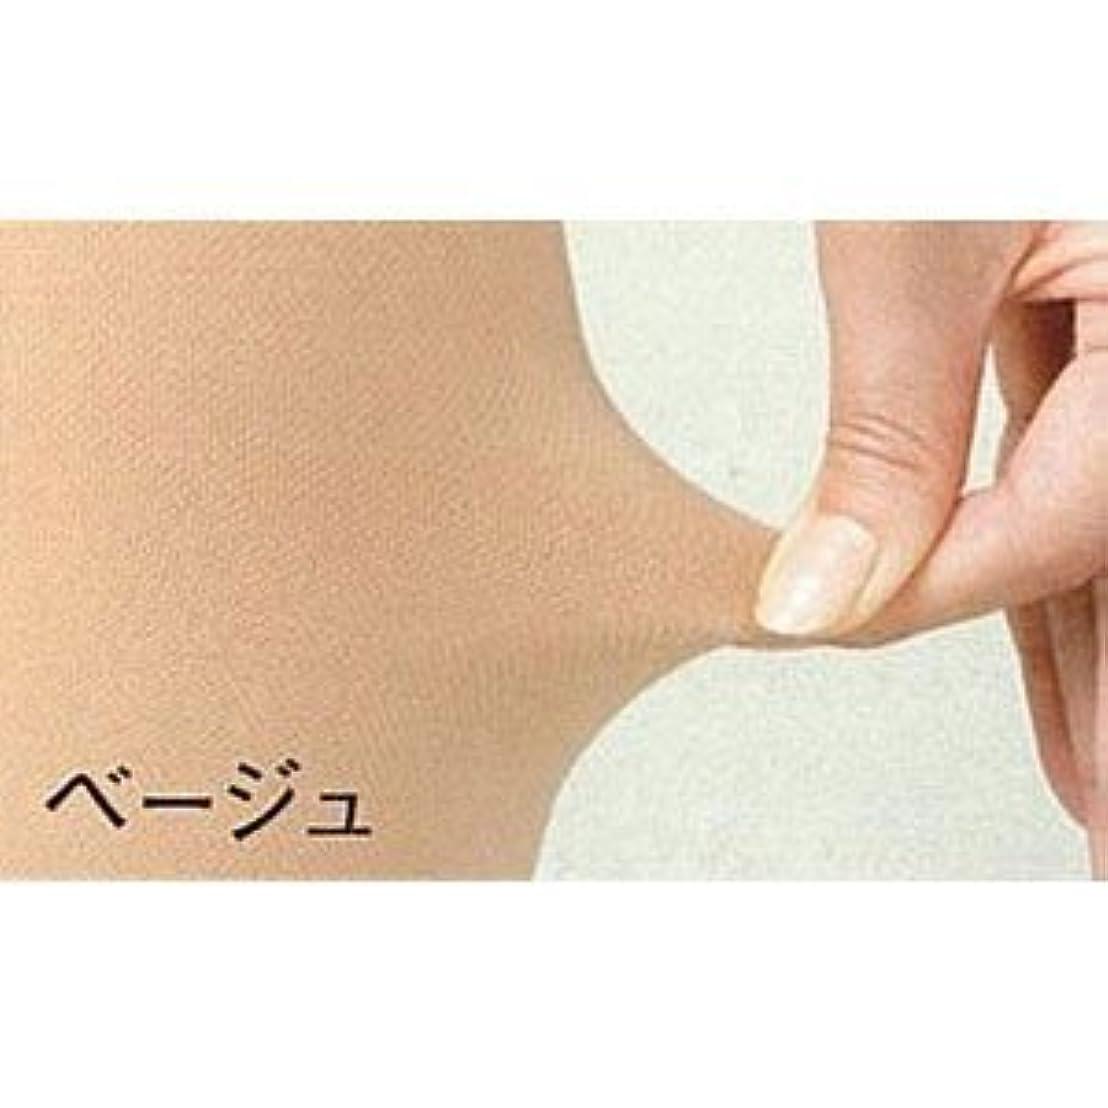 起きろ満了情緒的医療用弾性ストッキング レックスフィット 厚手ストッキング 爪先あり 中圧 Mサイズ ベージュ2612